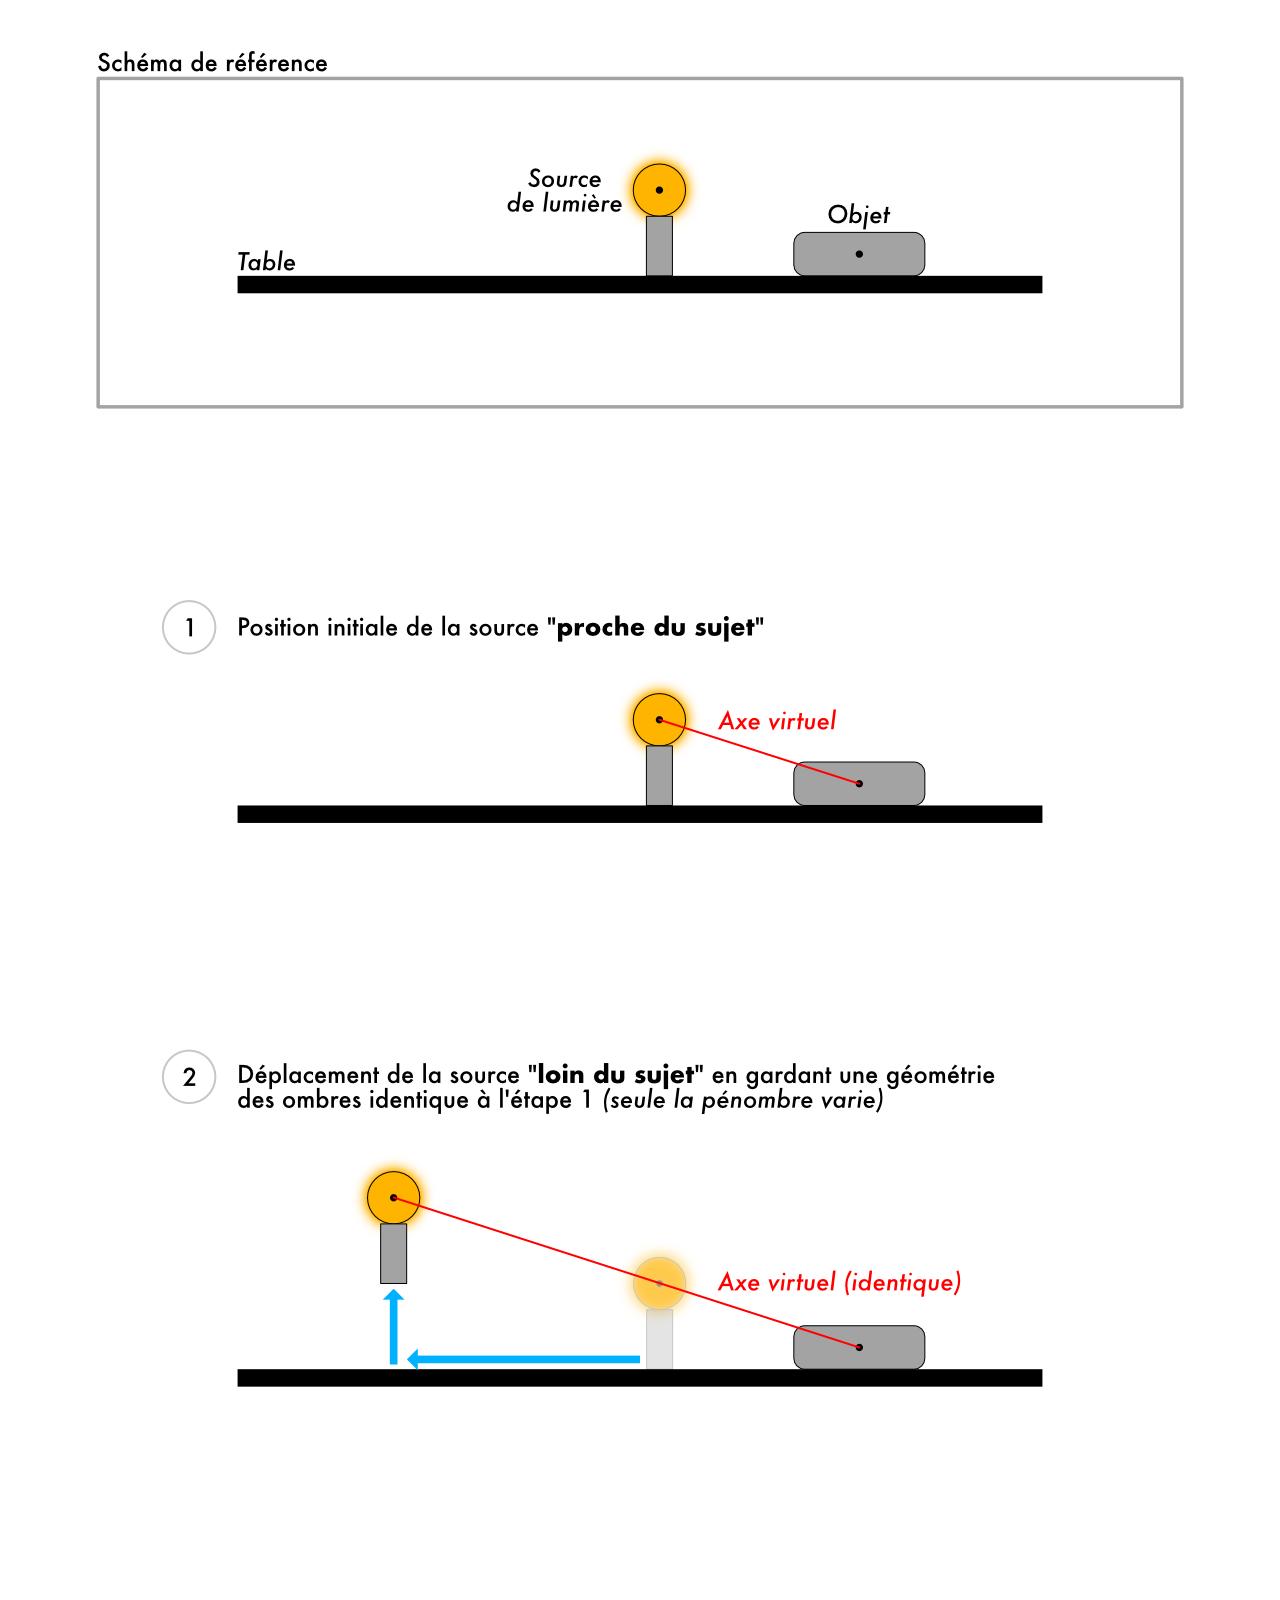 Explication de la position de la source de lumière